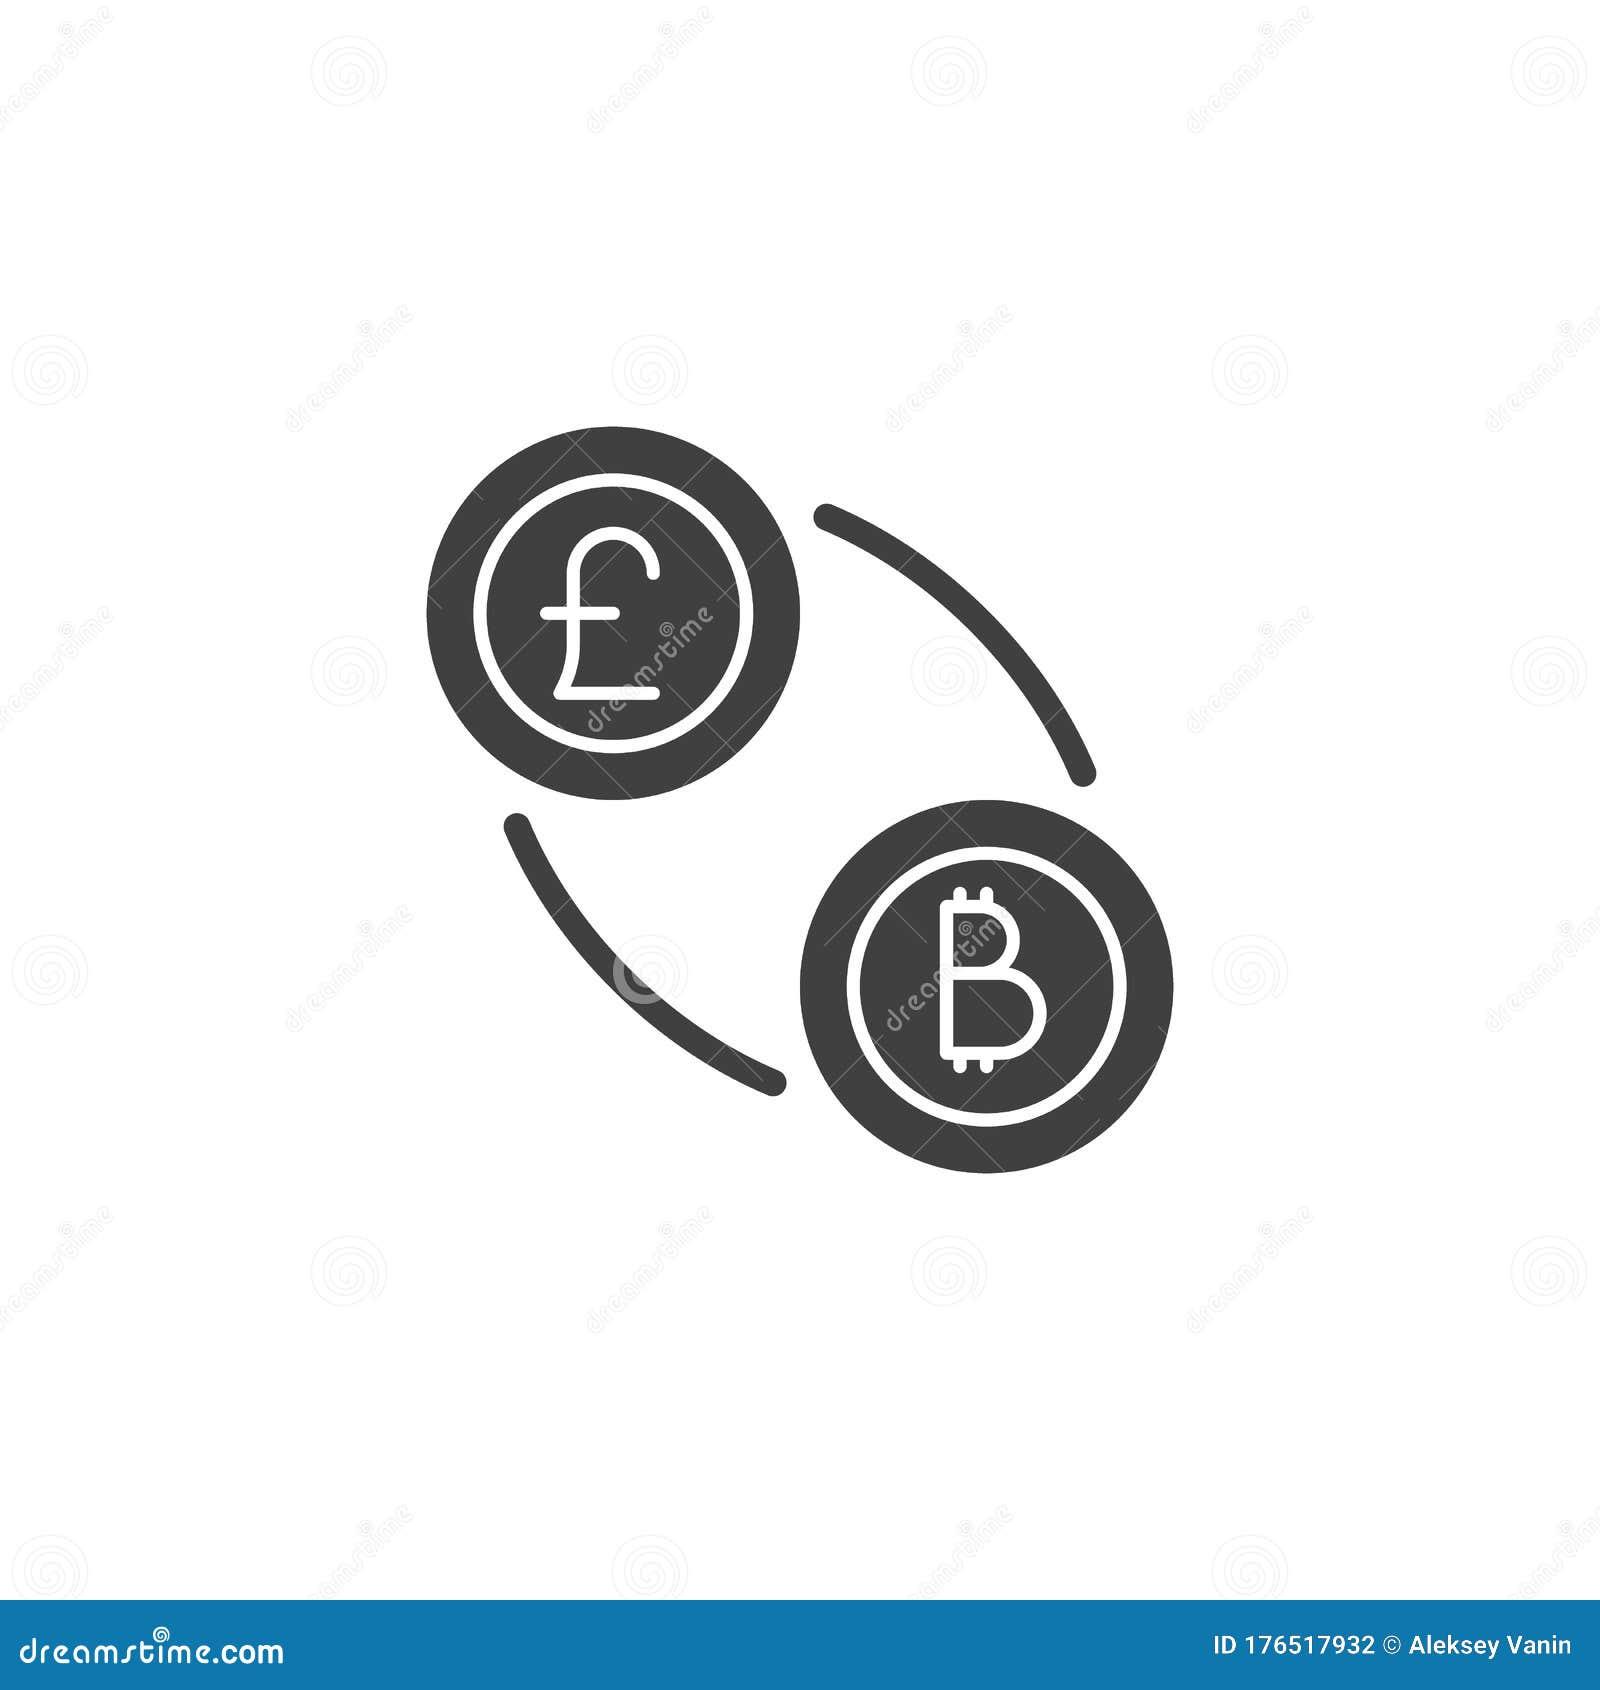 pound to bitcoin exchange)